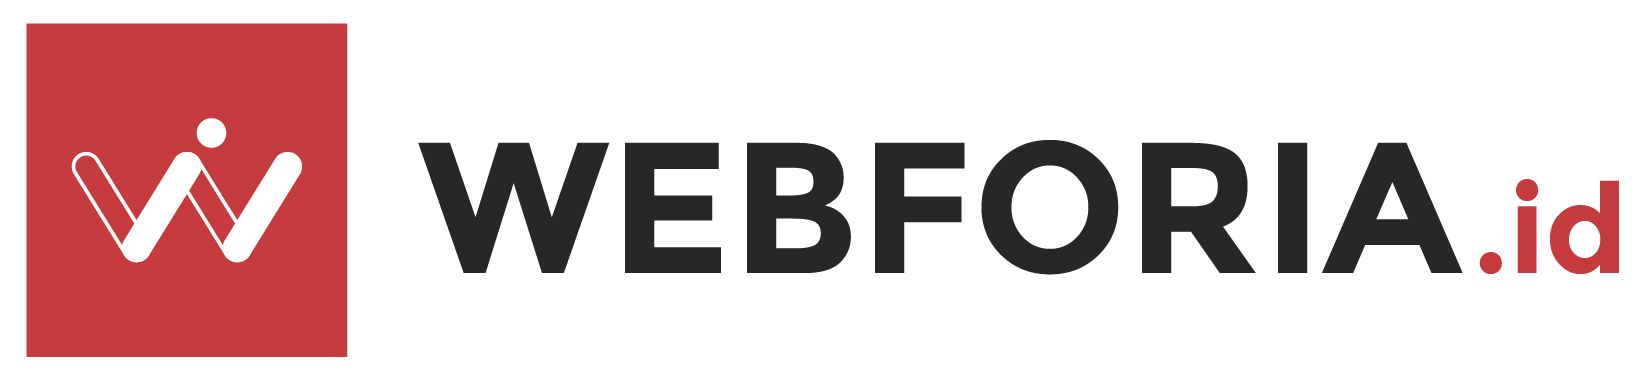 Webforia